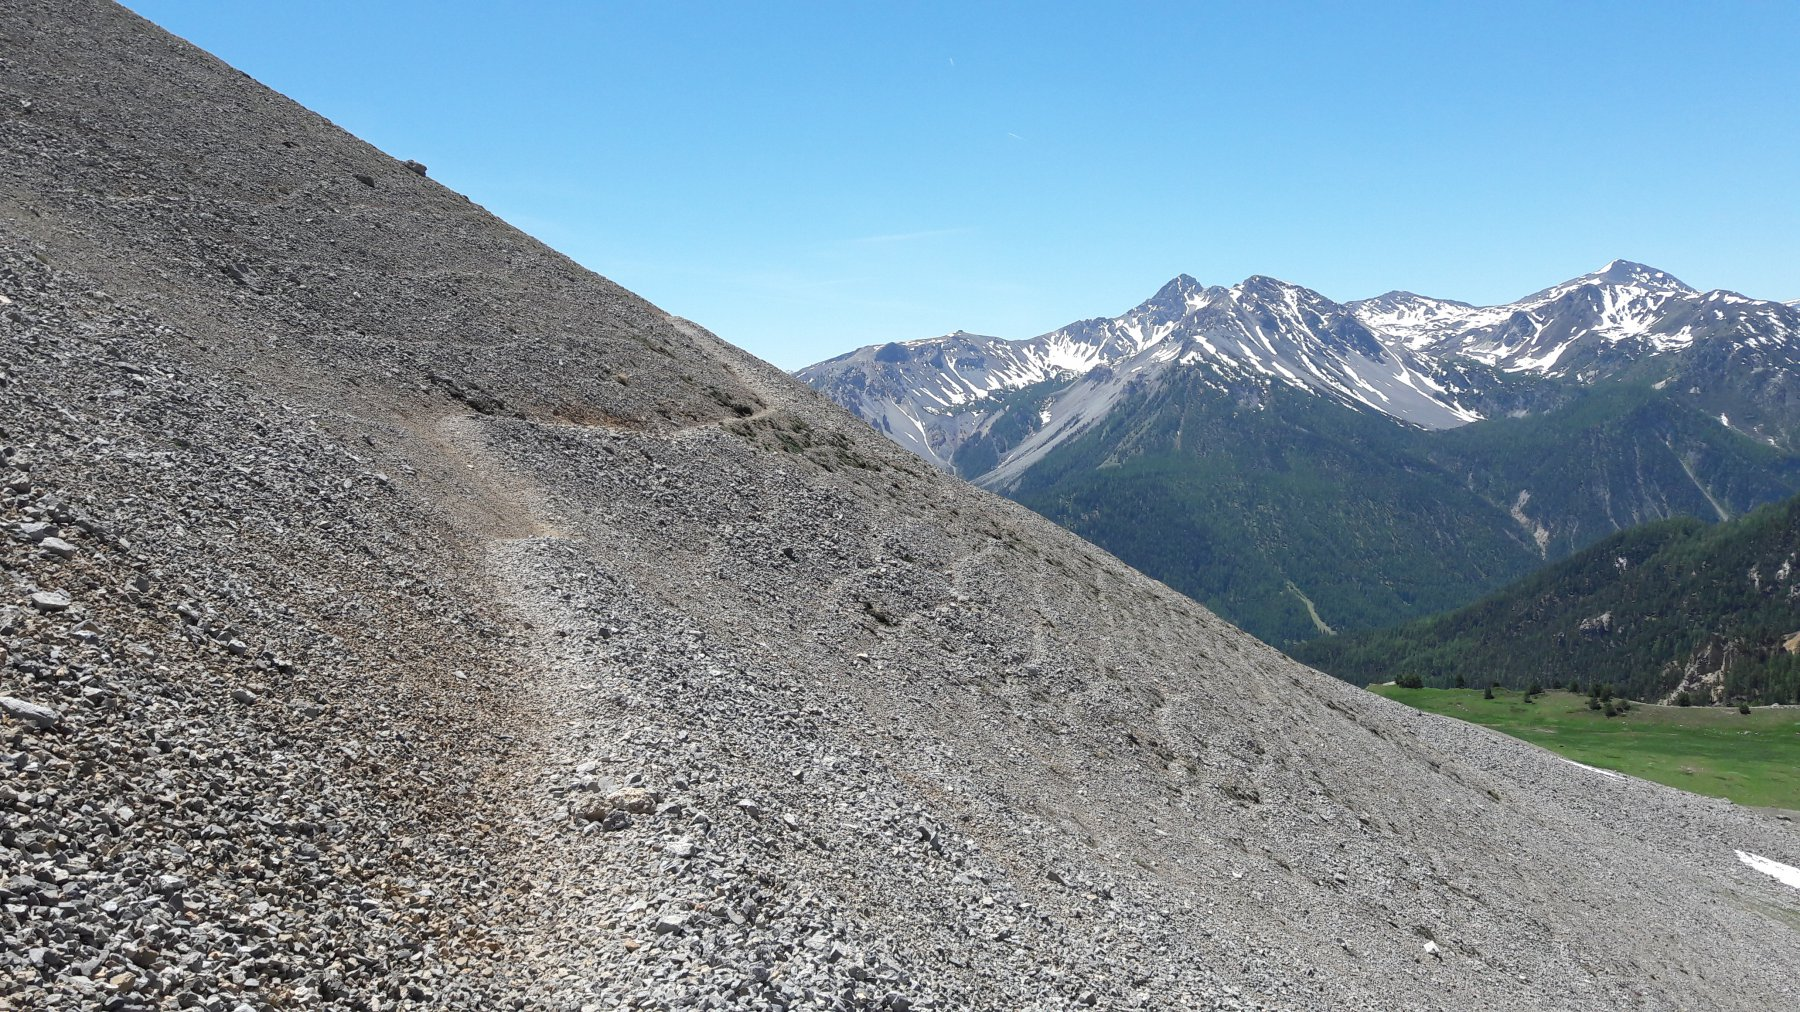 Sentiero a mezza costa sul fianco della montagna, molto ben tracciato